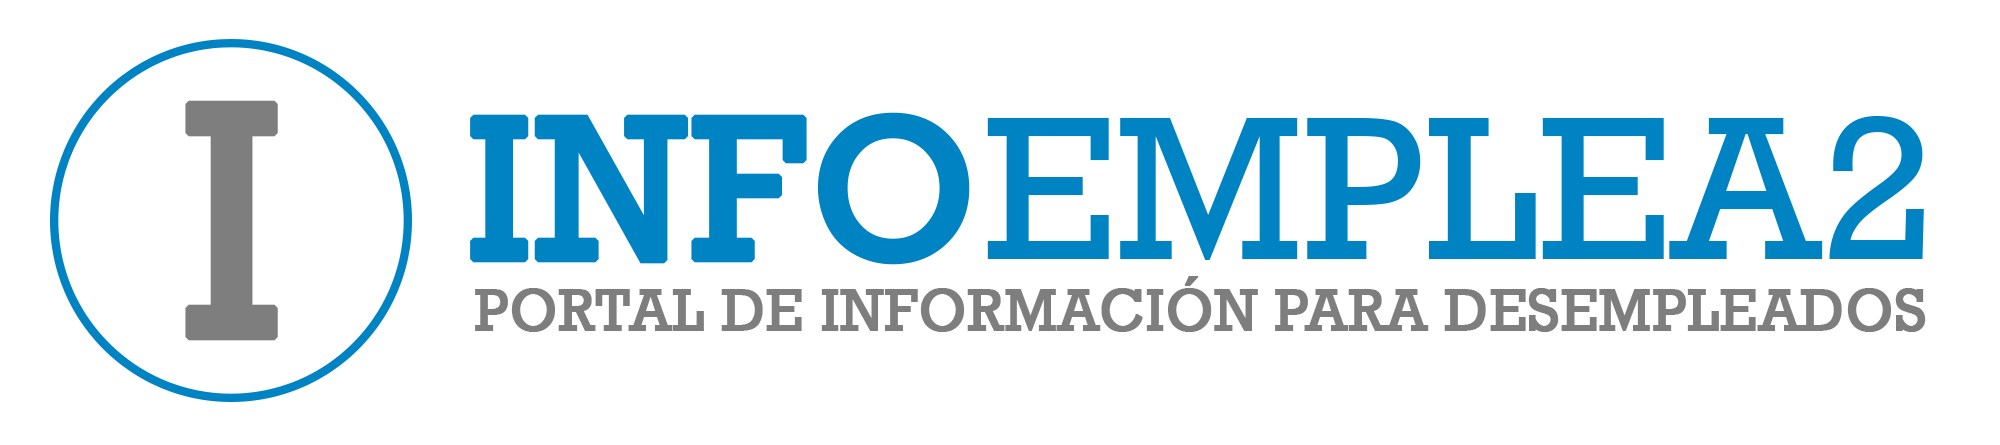 Infoemplea2 header 2021